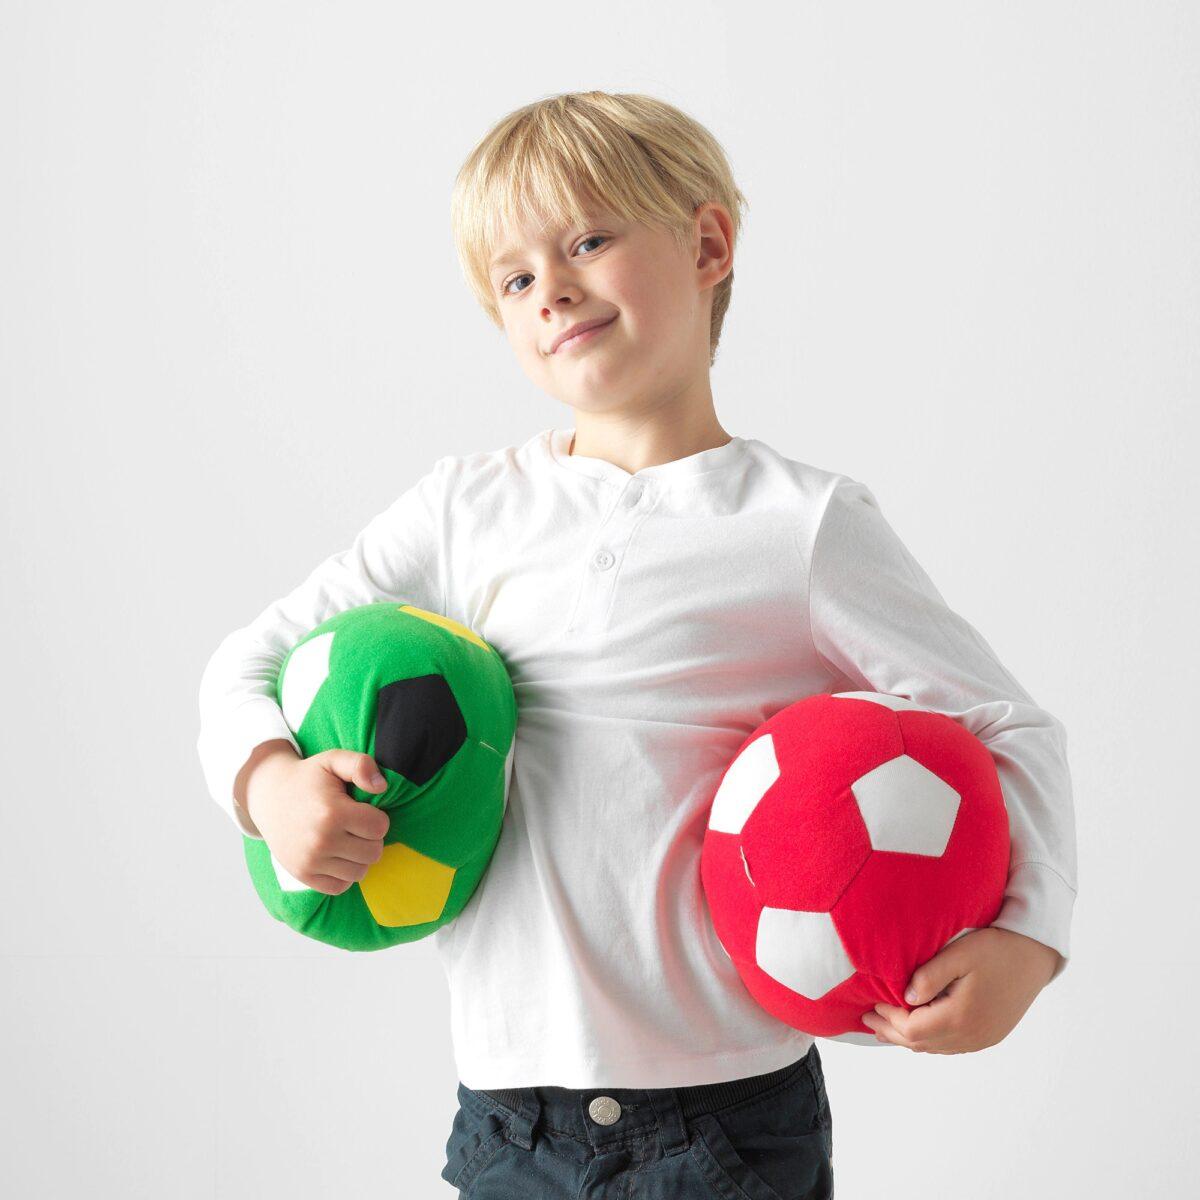 ikea-sparka-giocattolo-morbido-pallone-verde